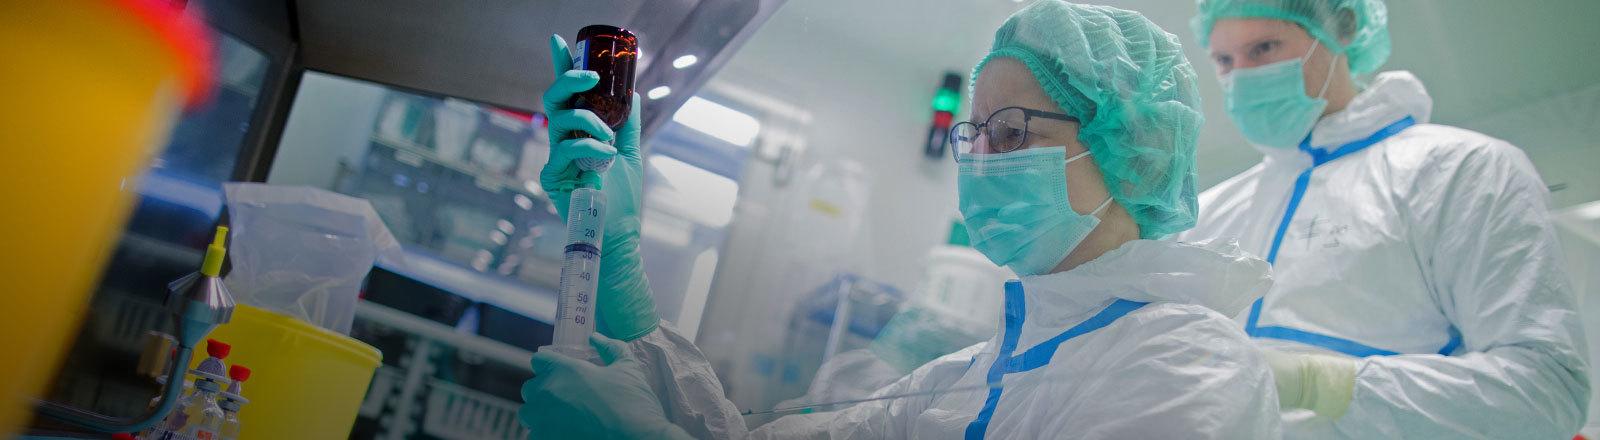 Zwei Mitarbeiter stellen in einem Reinraum Krebsmedikamente her.